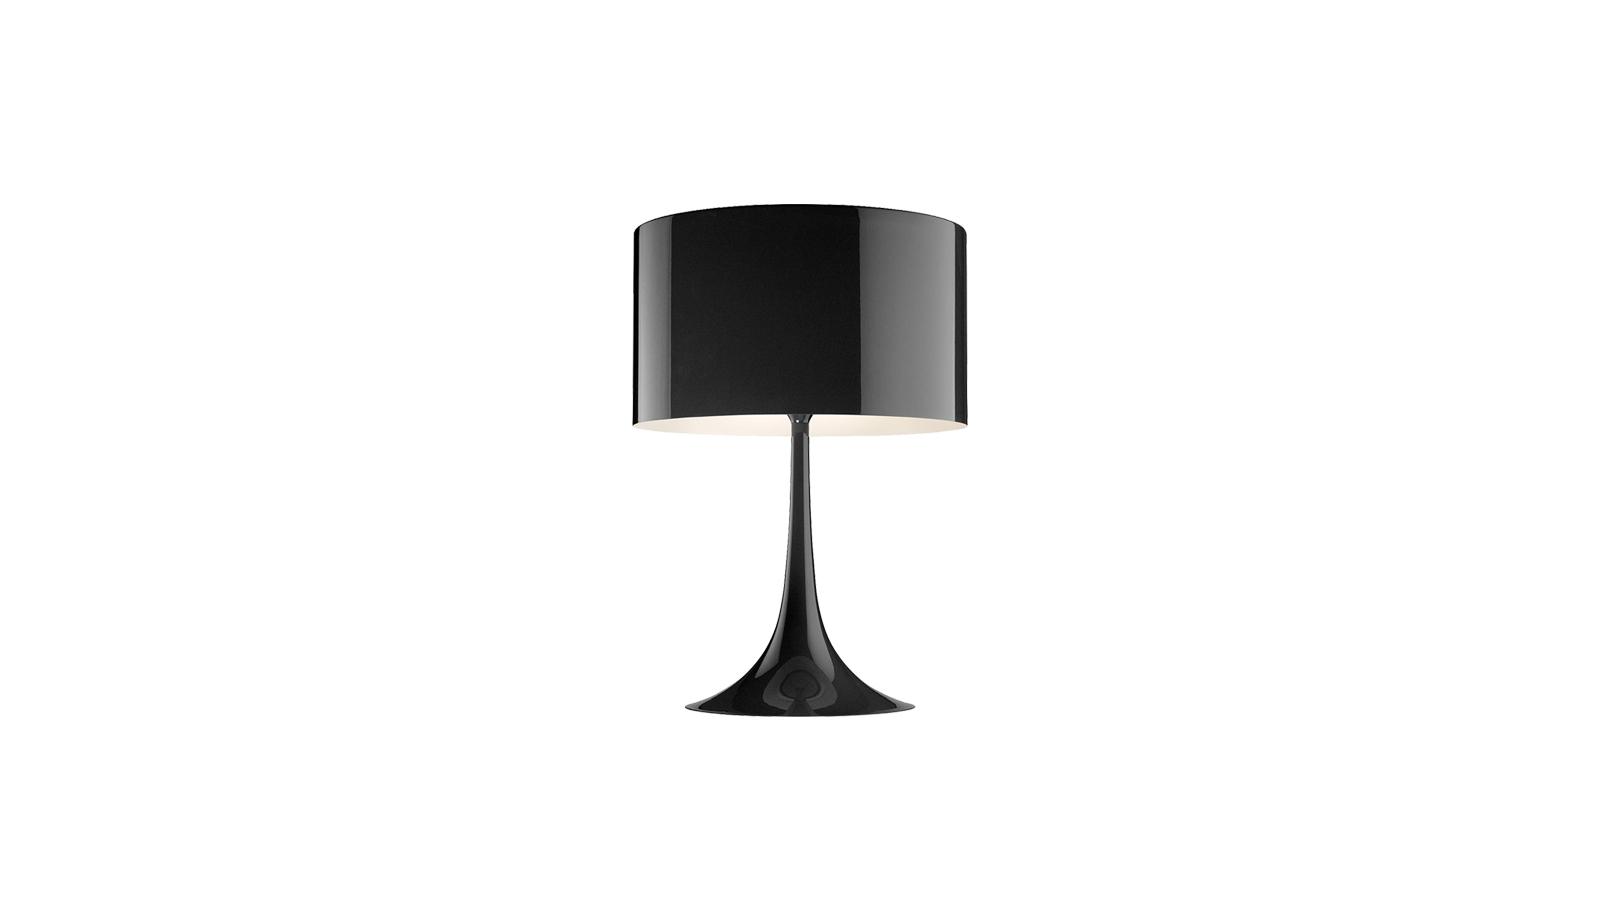 A Spun lámpacsaládot 2003-ban tervezte Sebastian Wrong az olasz Flos márka számára. Formája időtlenséget és modernséget sugároz, melynek köszönhetően gyakorlatilag bármely stílusú enteriőr elegáns és stílusos kiegészítője lehet. Diffúz fényt sugároz, mely által lágy, kellemes atmoszférát teremt a térben.